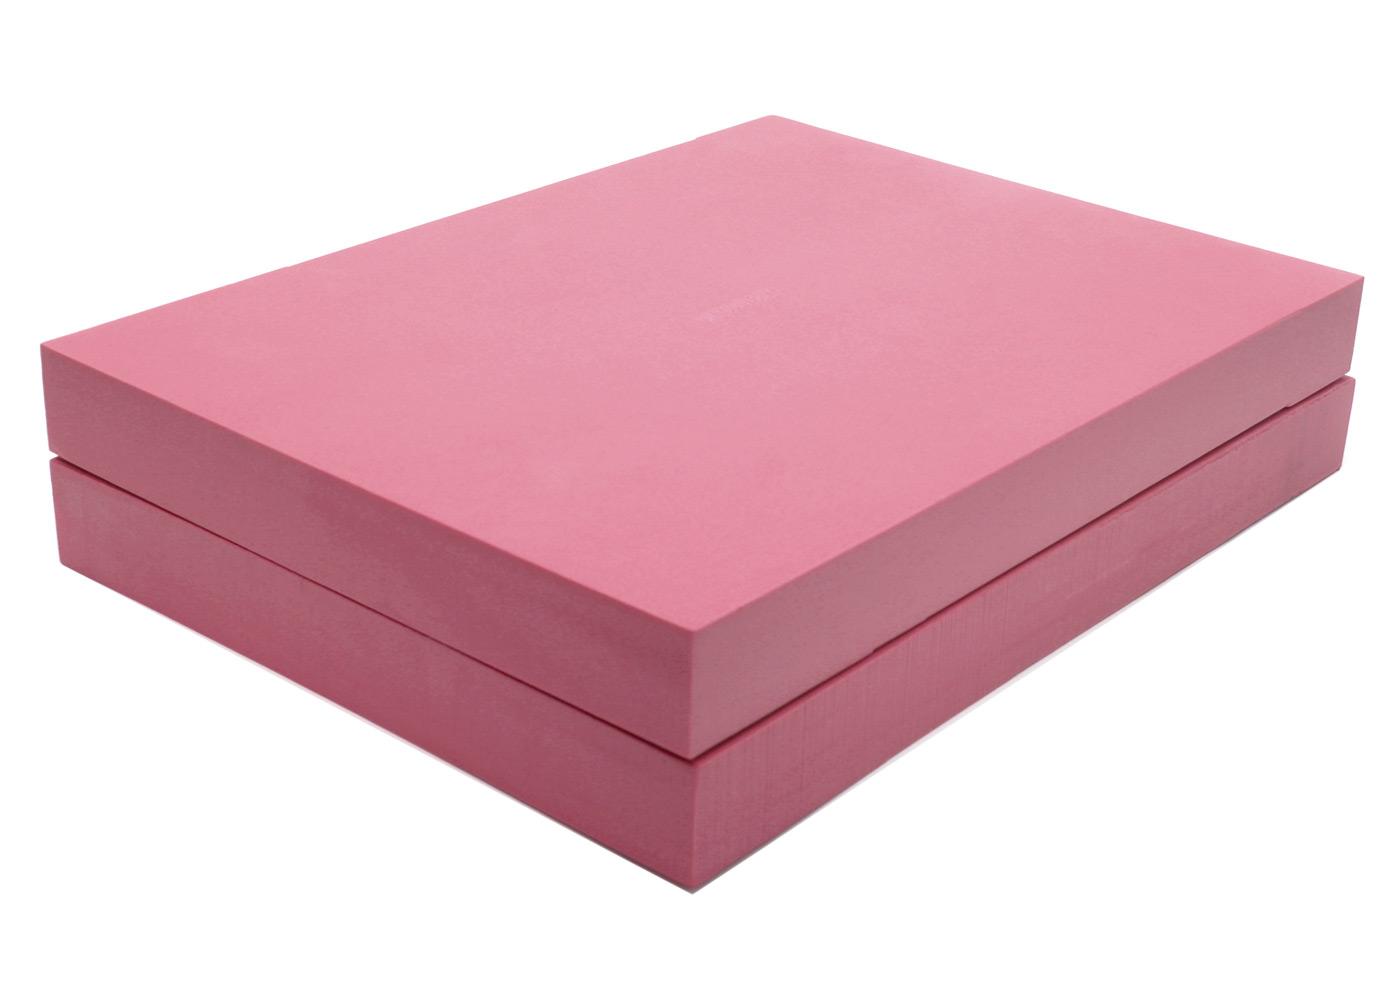 yoga block 39 shoulderstand 39 buy online at yogishop yoga yogamats yoga equipment. Black Bedroom Furniture Sets. Home Design Ideas